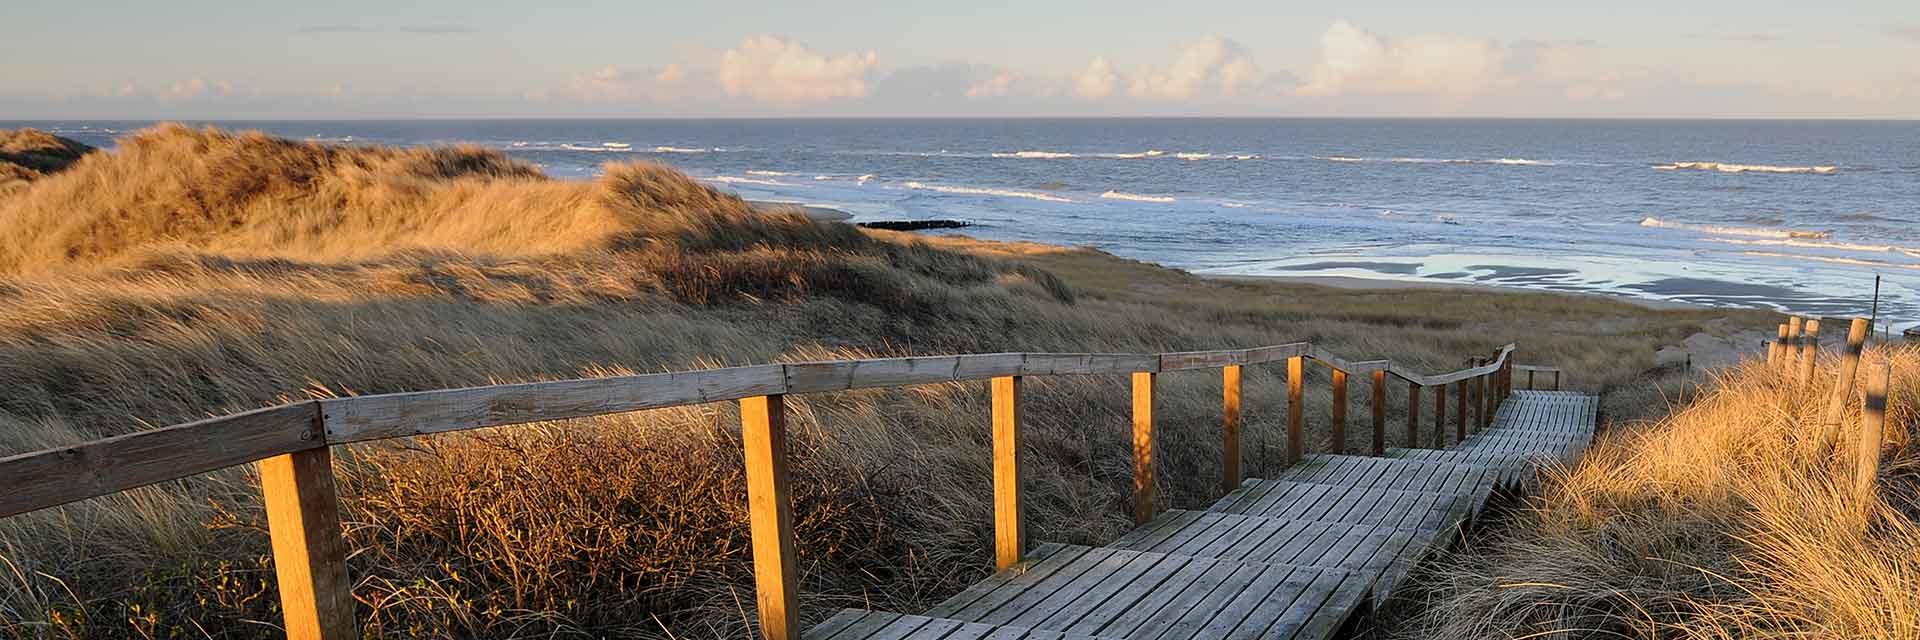 sylt strand nordsee meer leinwandbild acrylbild